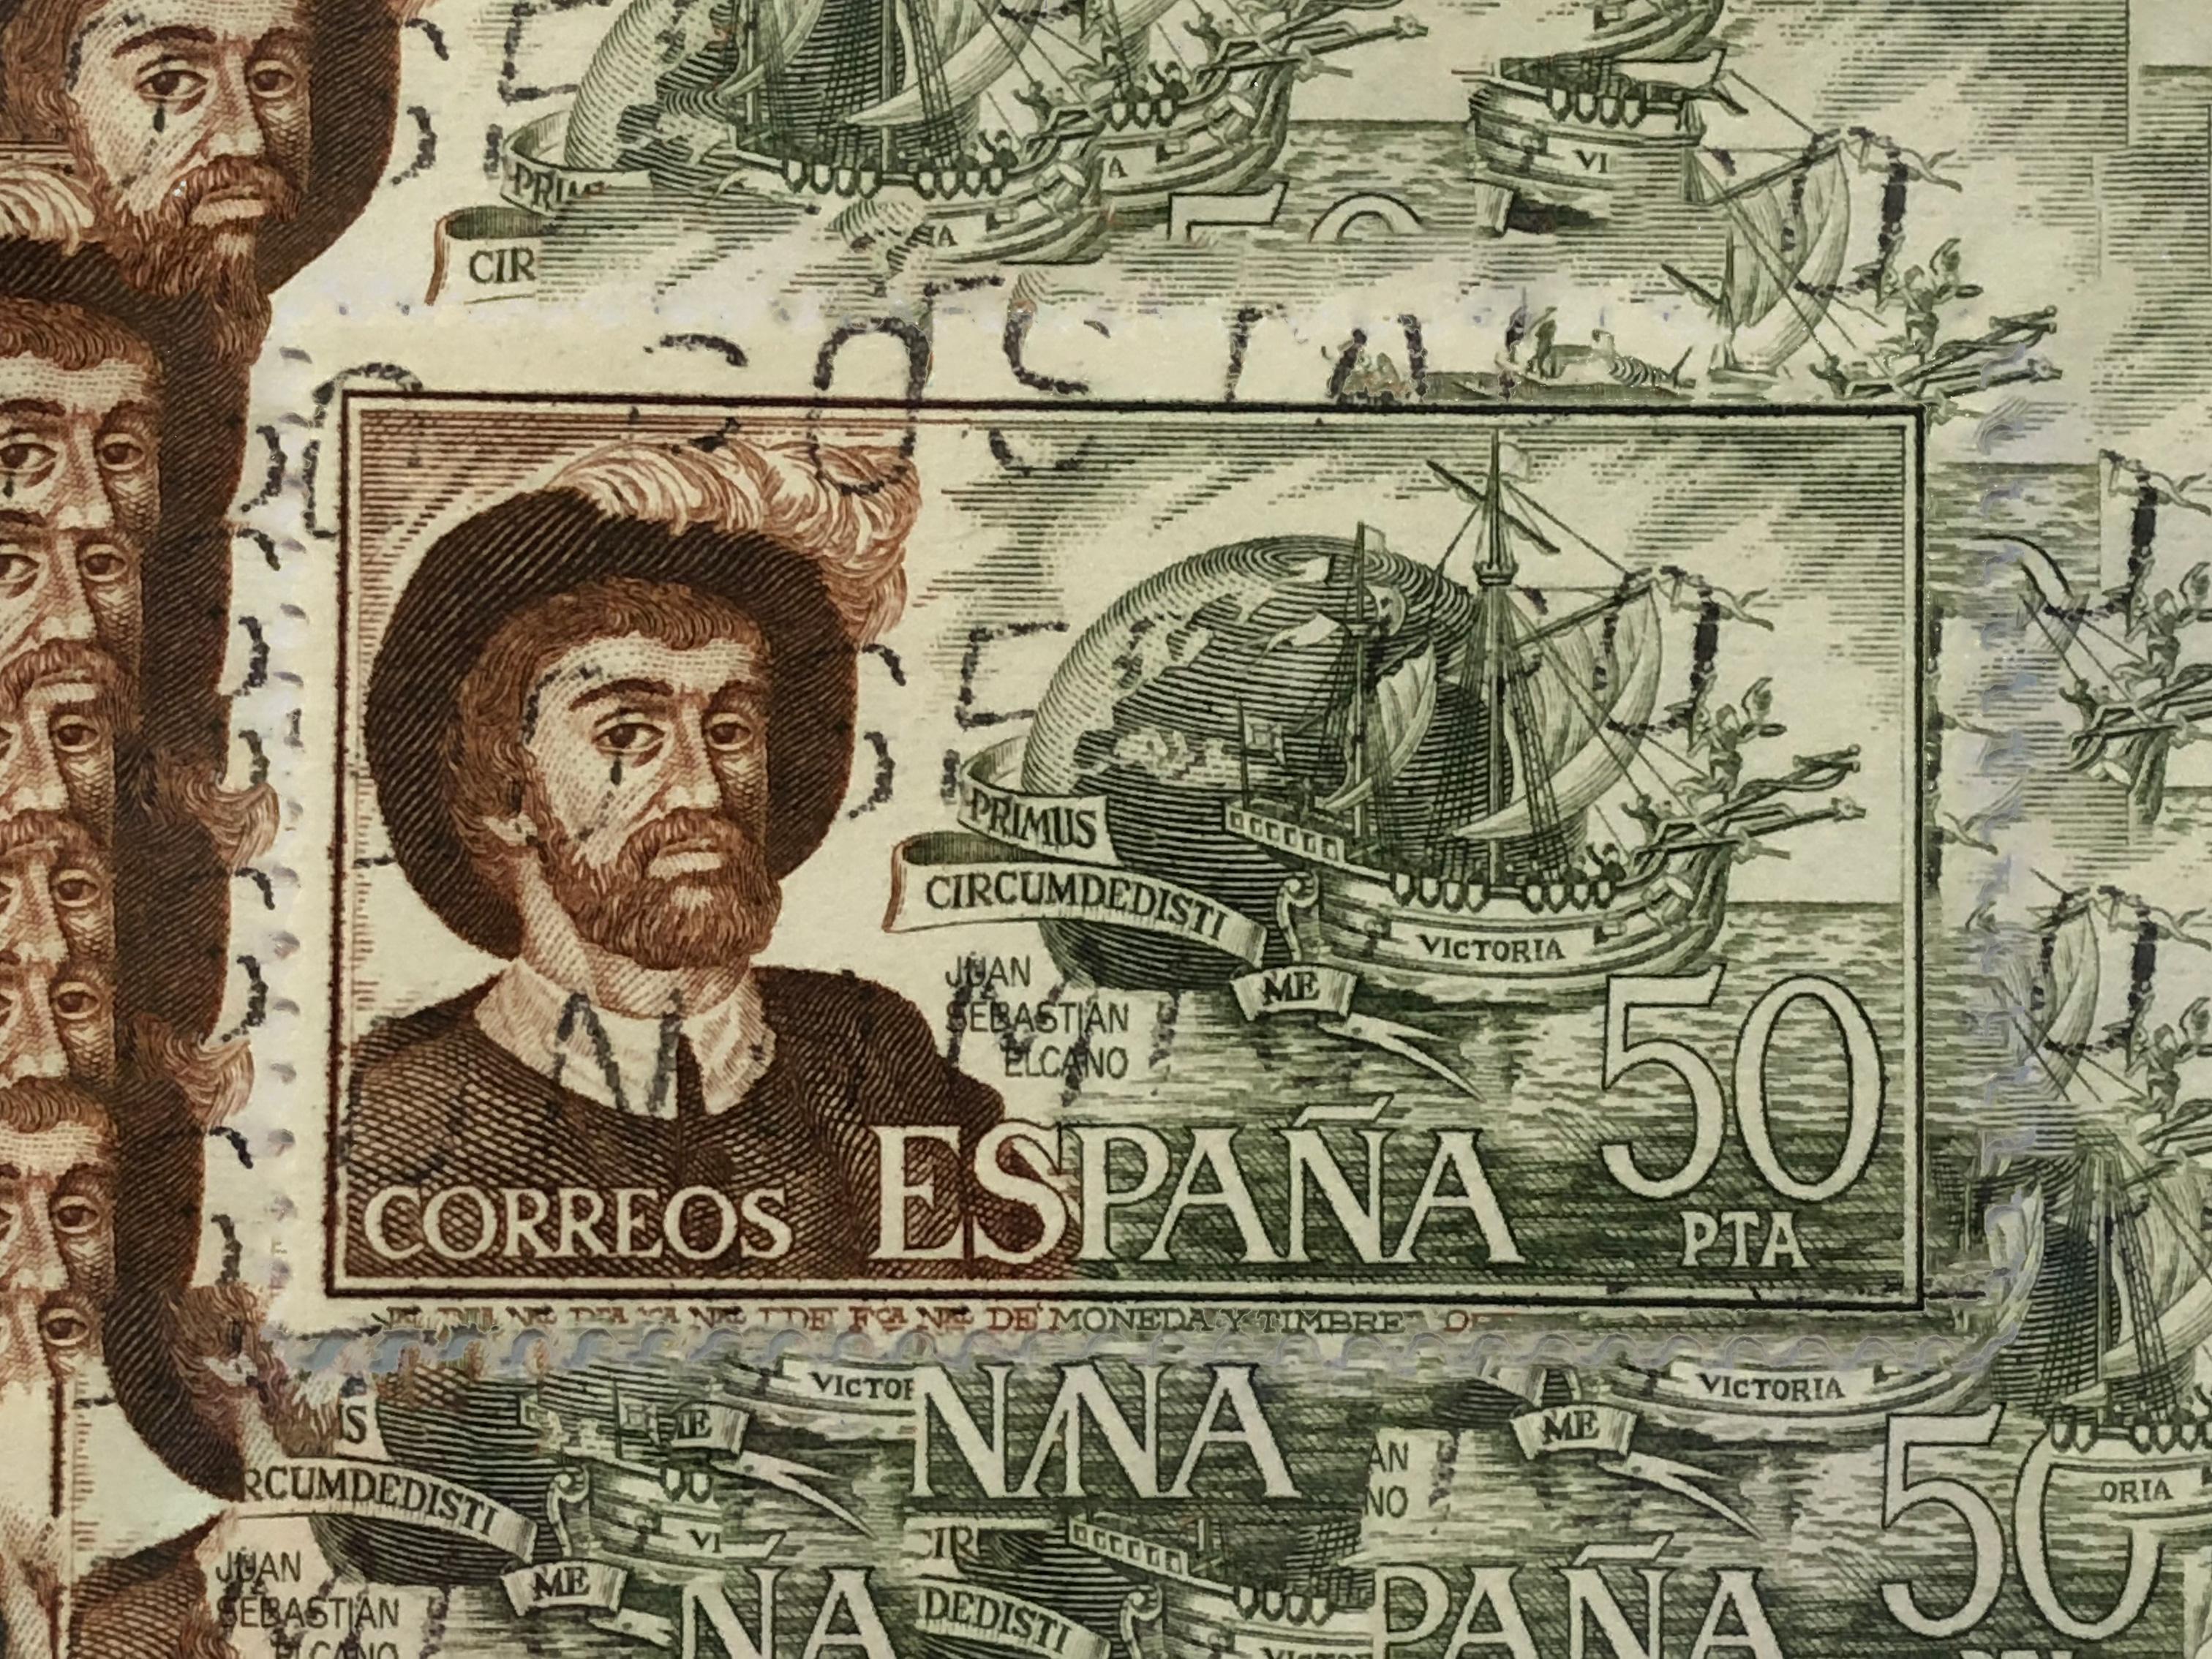 Selo Postal Correios de Espanha de Juan Sebastian Elcano Primus circumdedisti me.